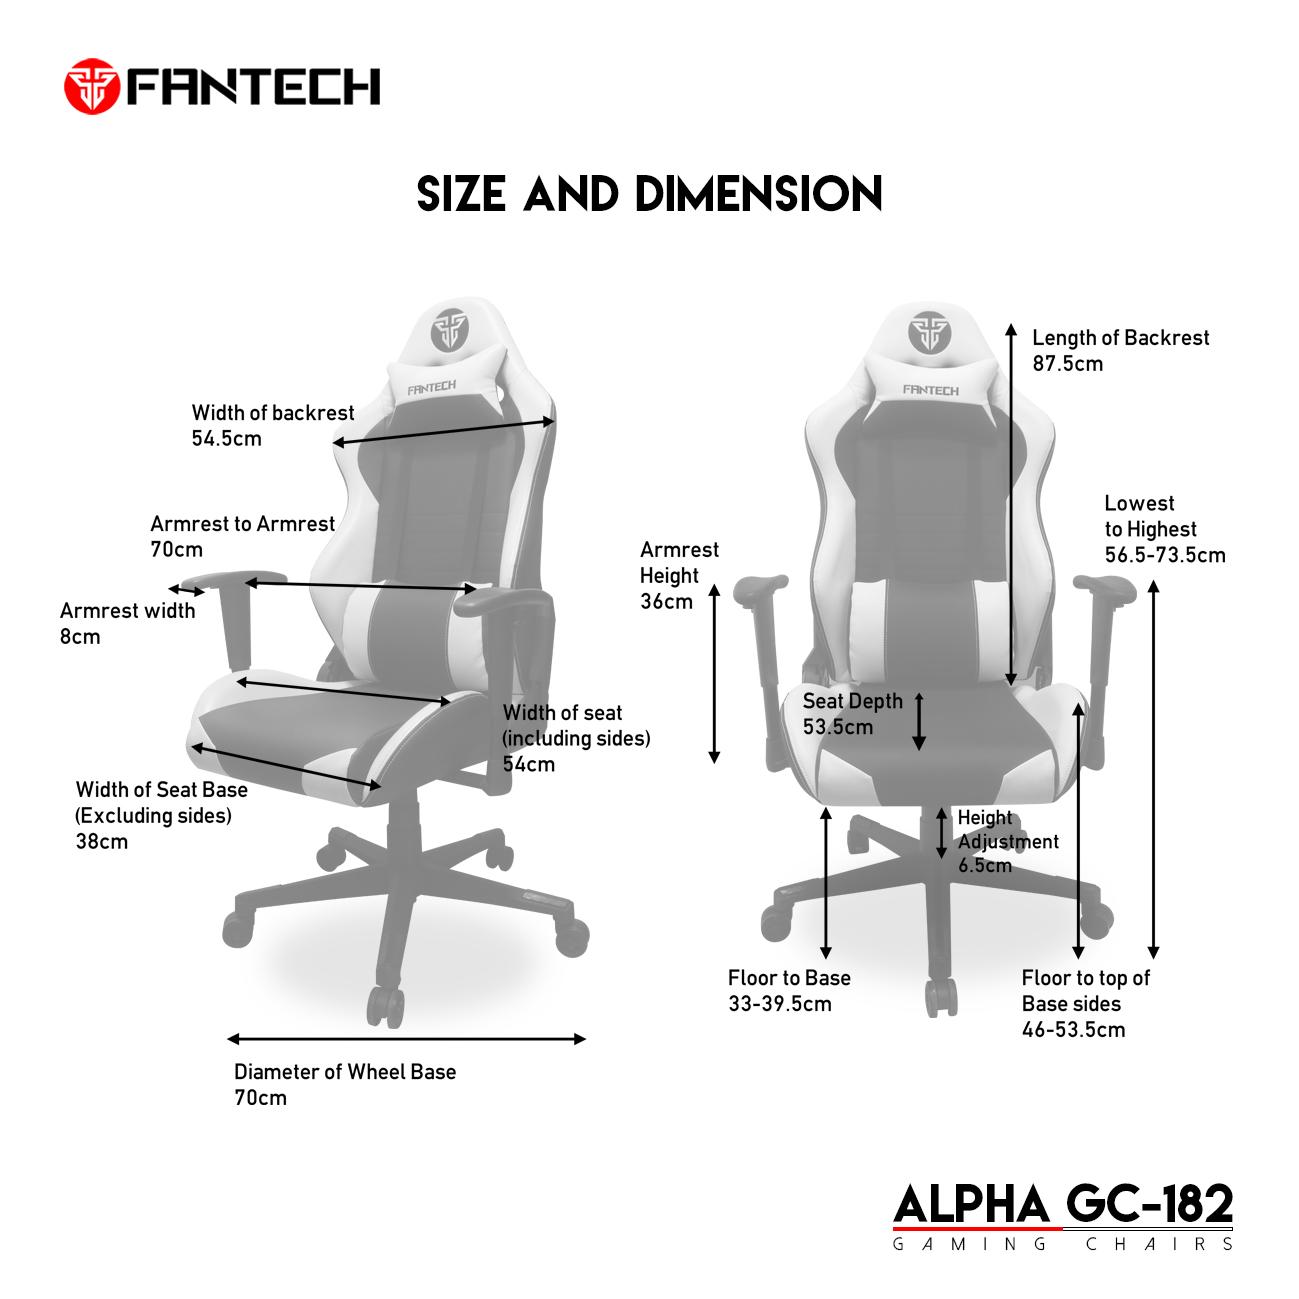 Fantech GC-182 Alpha Gaming Chair 12